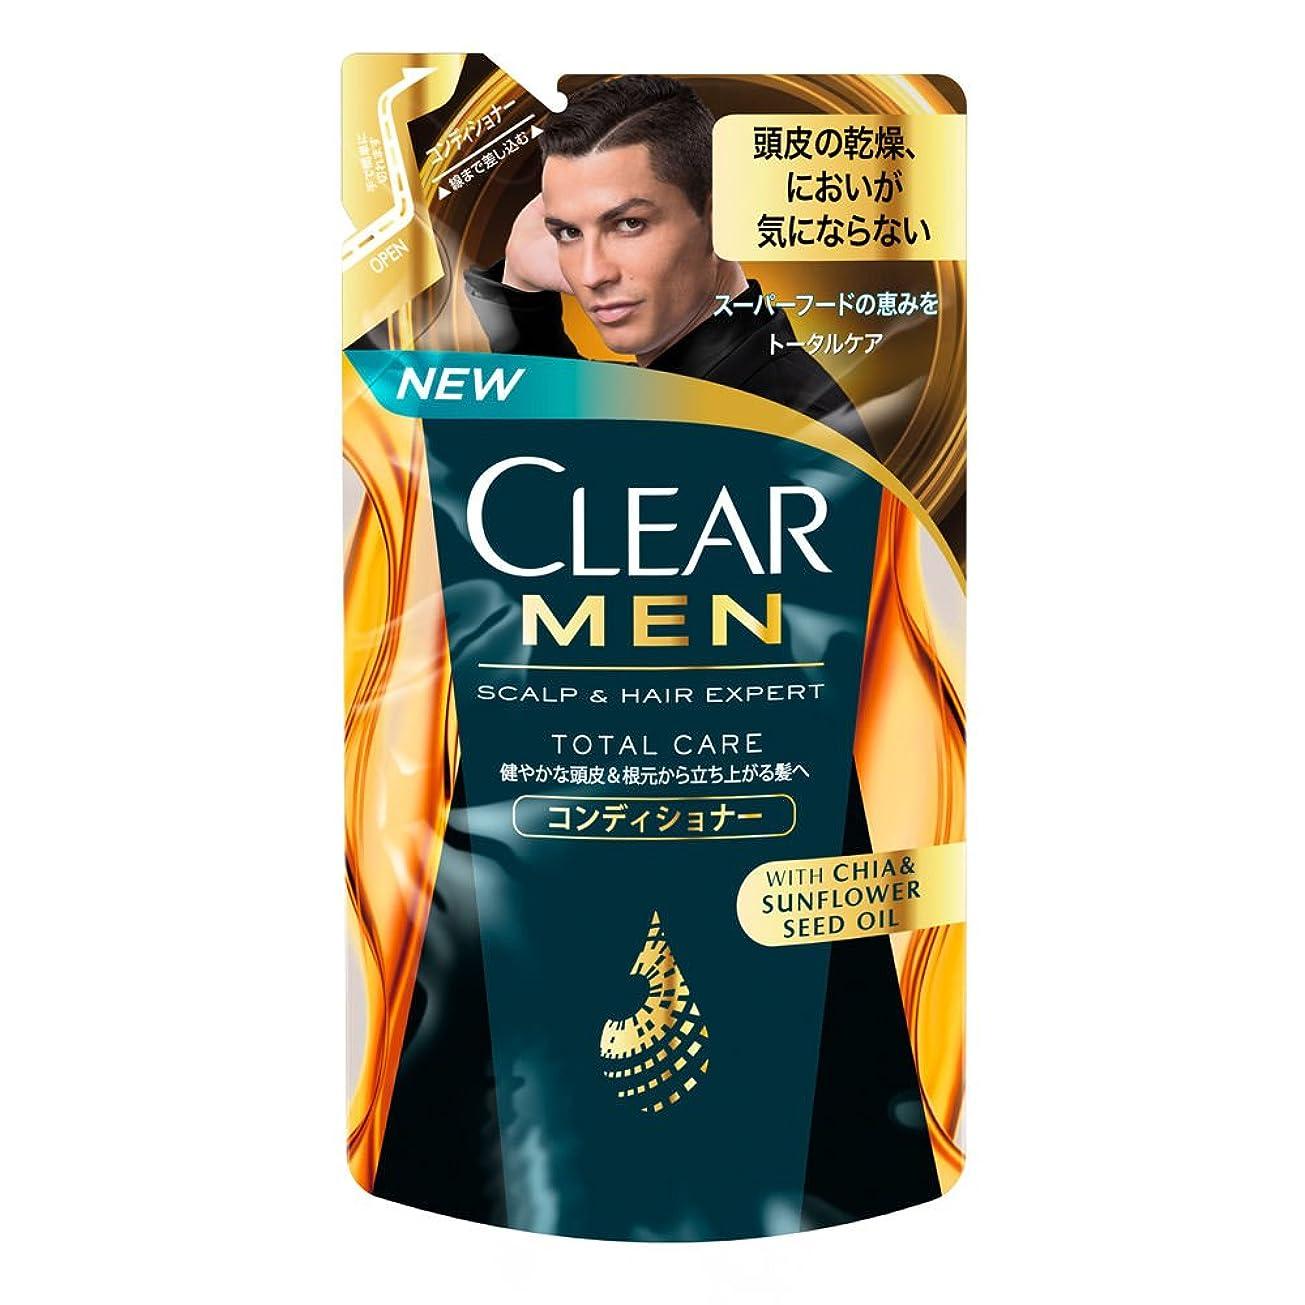 耐えられないいつ本土クリア フォーメン トータルケア 男性用コンディショナー つめかえ用 (健やかな頭皮へ) 280g